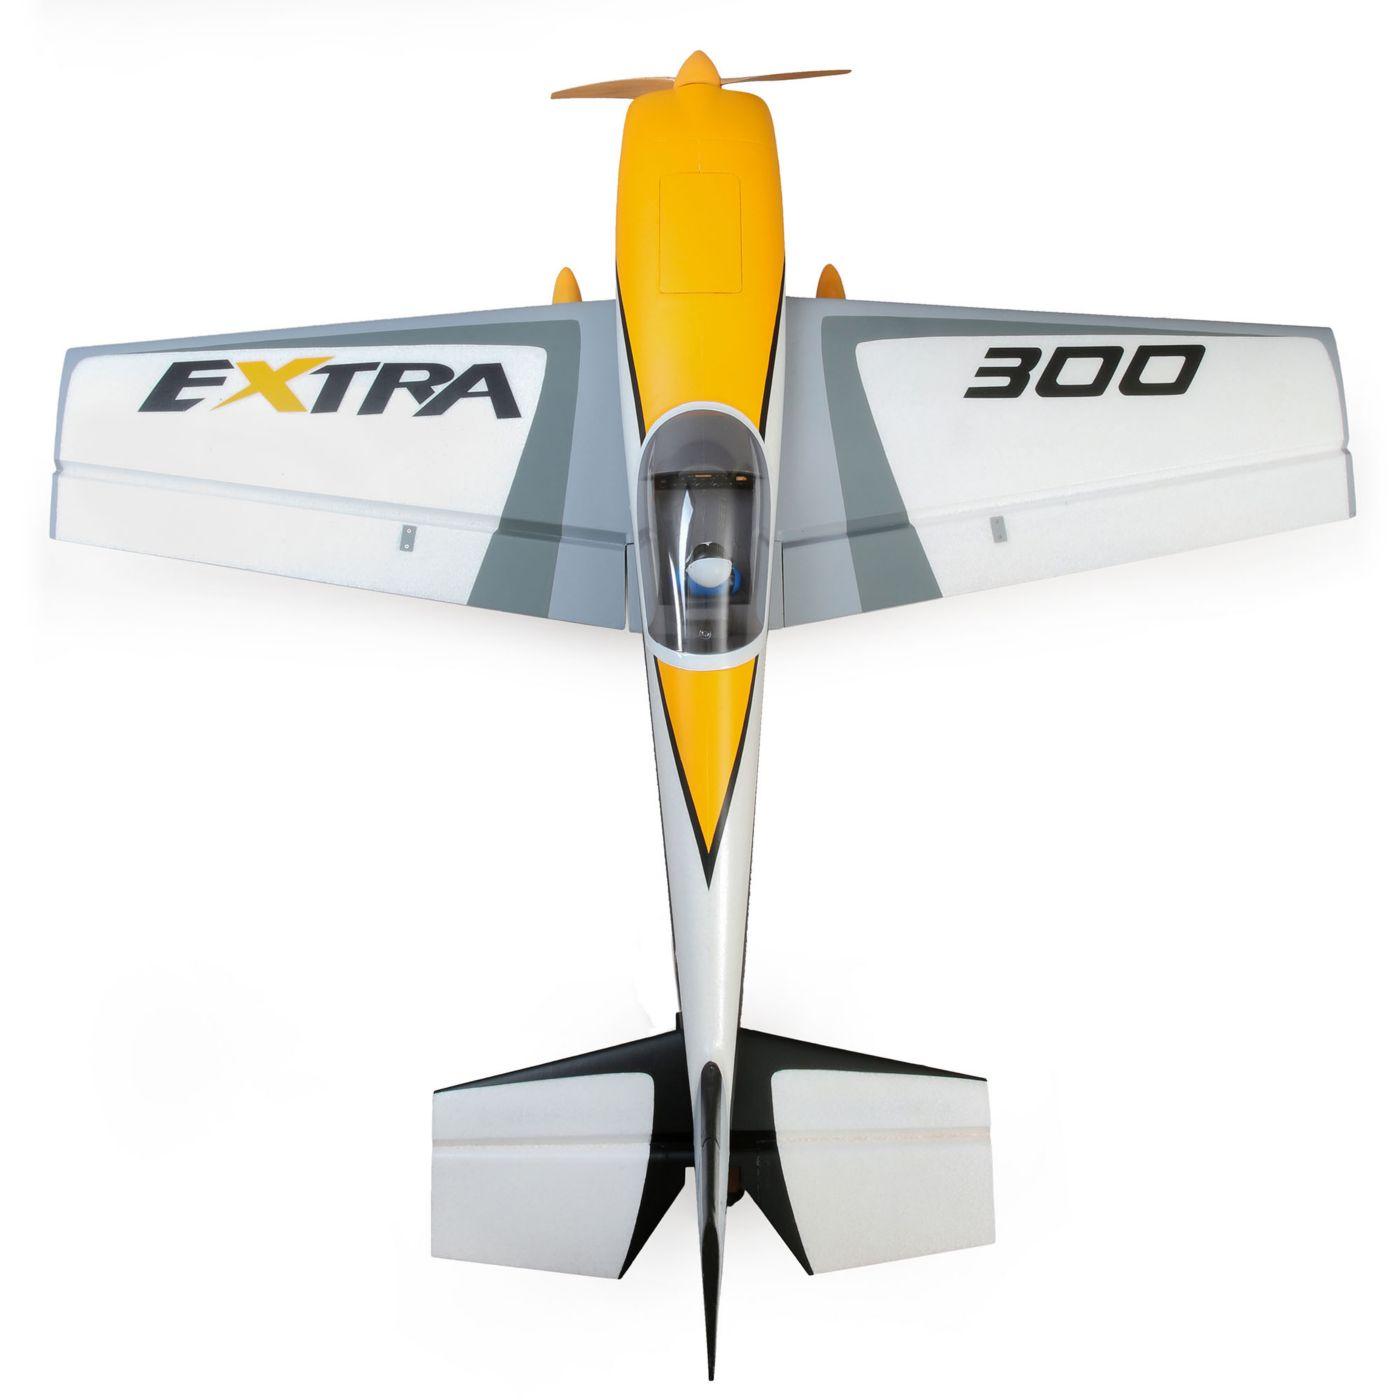 Extra 300 E-flite